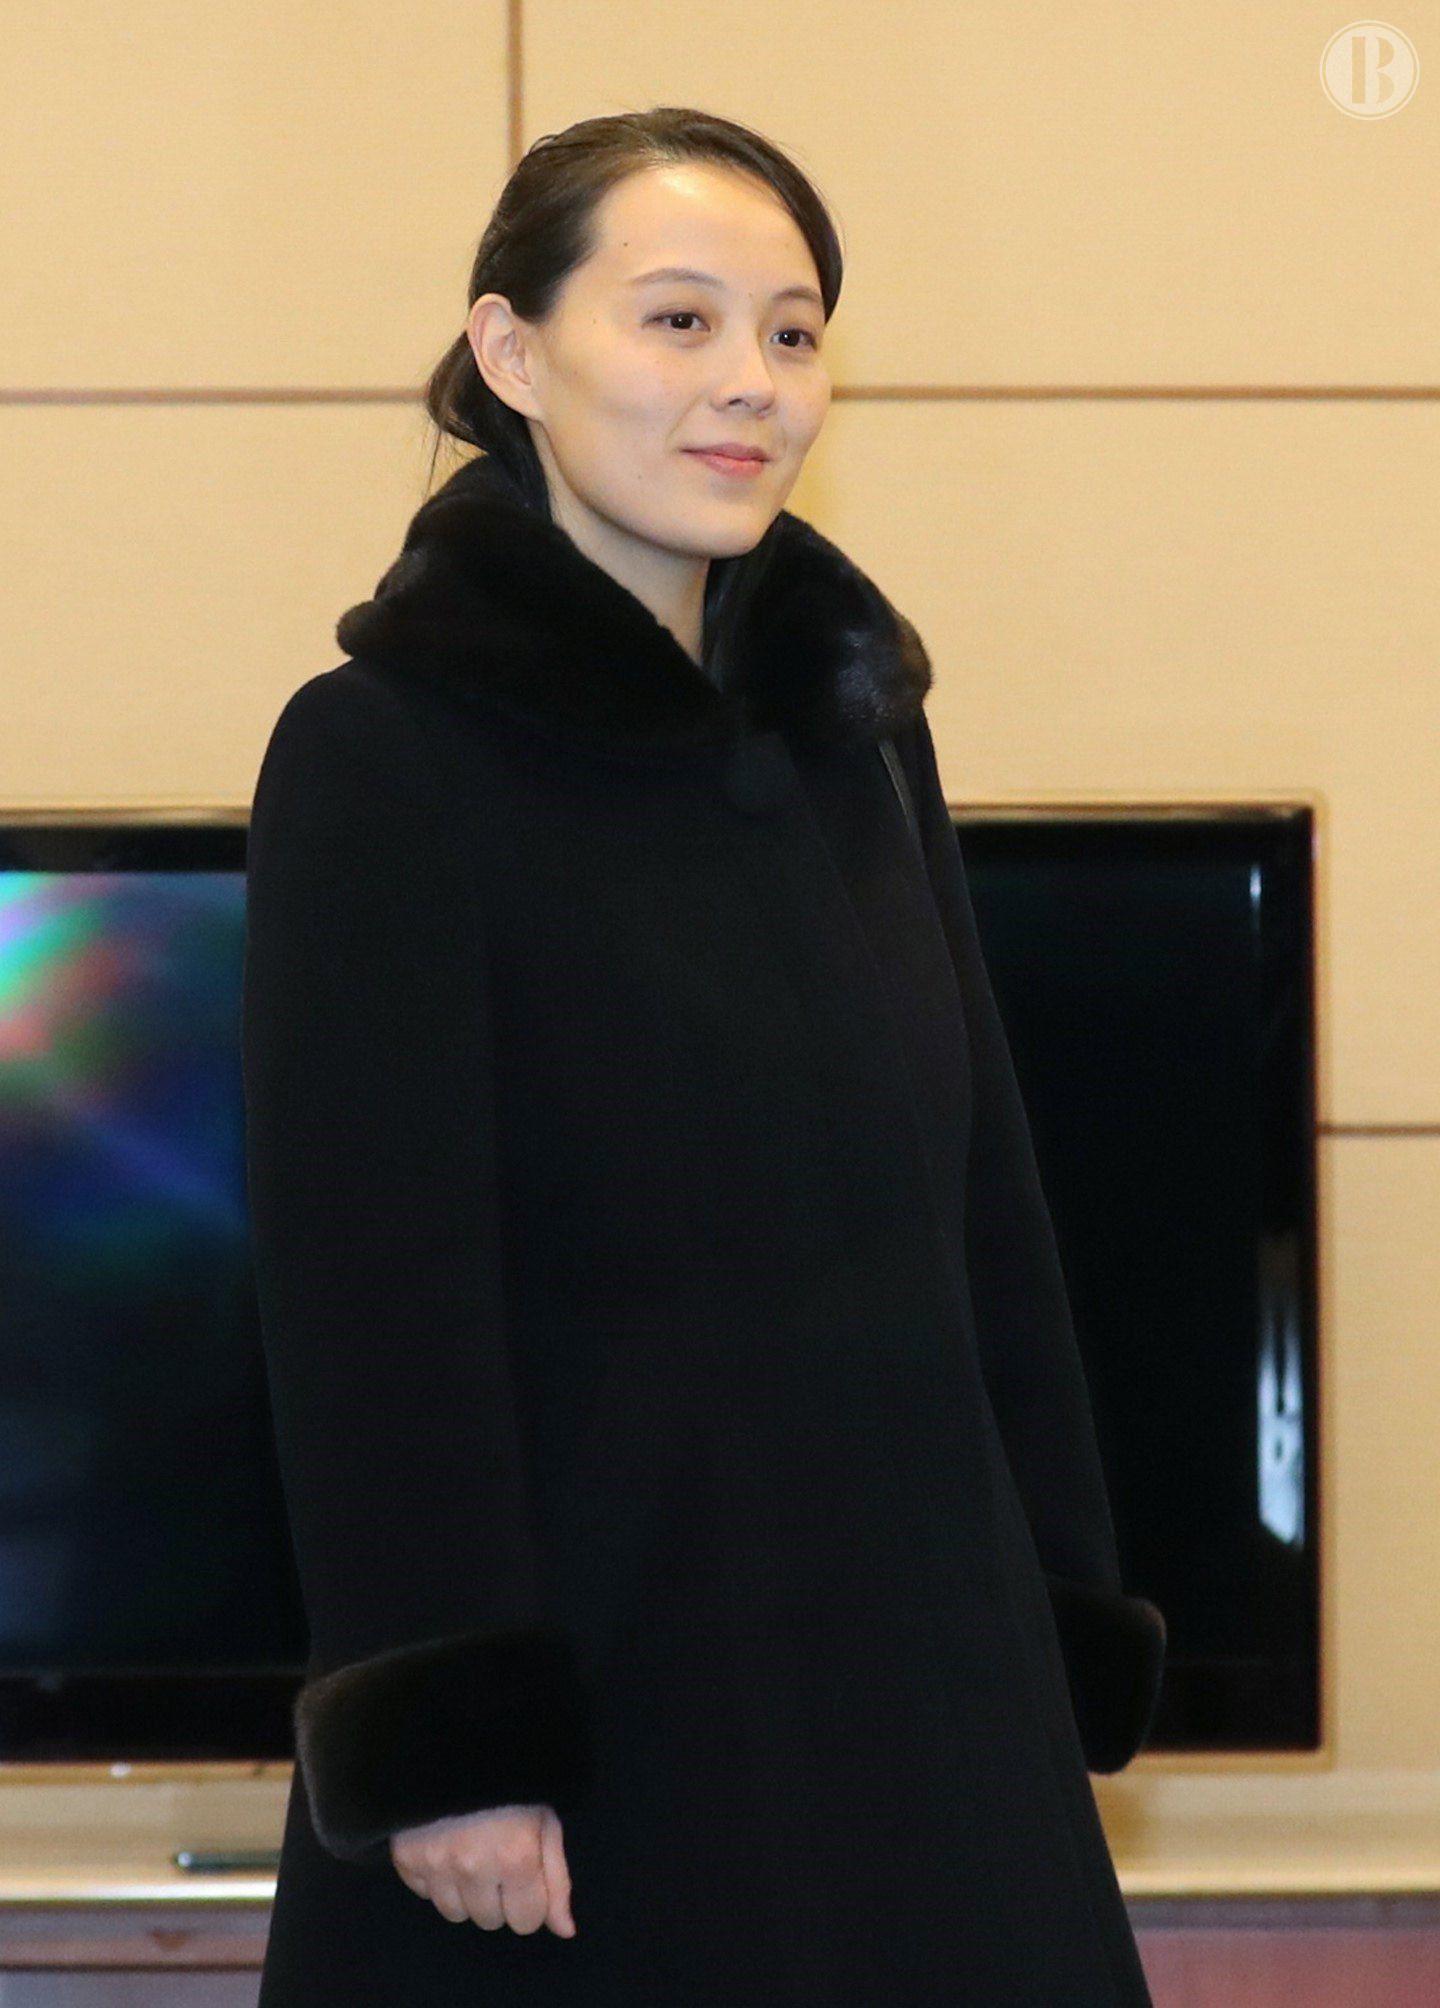 La hermana del líder norcoreano emprende una histórica visita a Corea del Sur